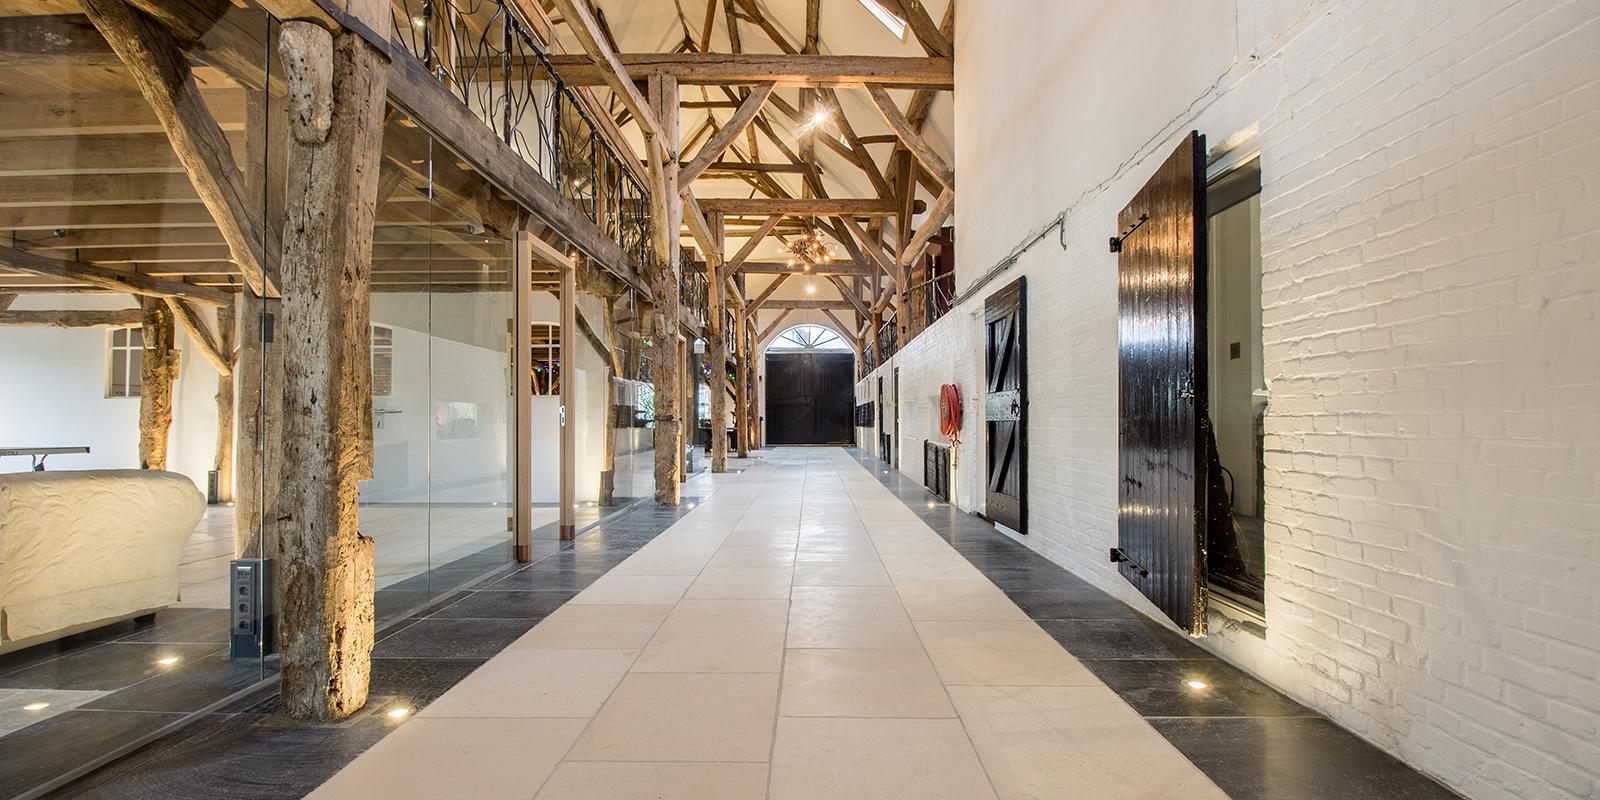 Bourgondische dallen, Van den Heuvel & Van Duuren, authentiek karakter, doorleefde vloer, sfeervloer